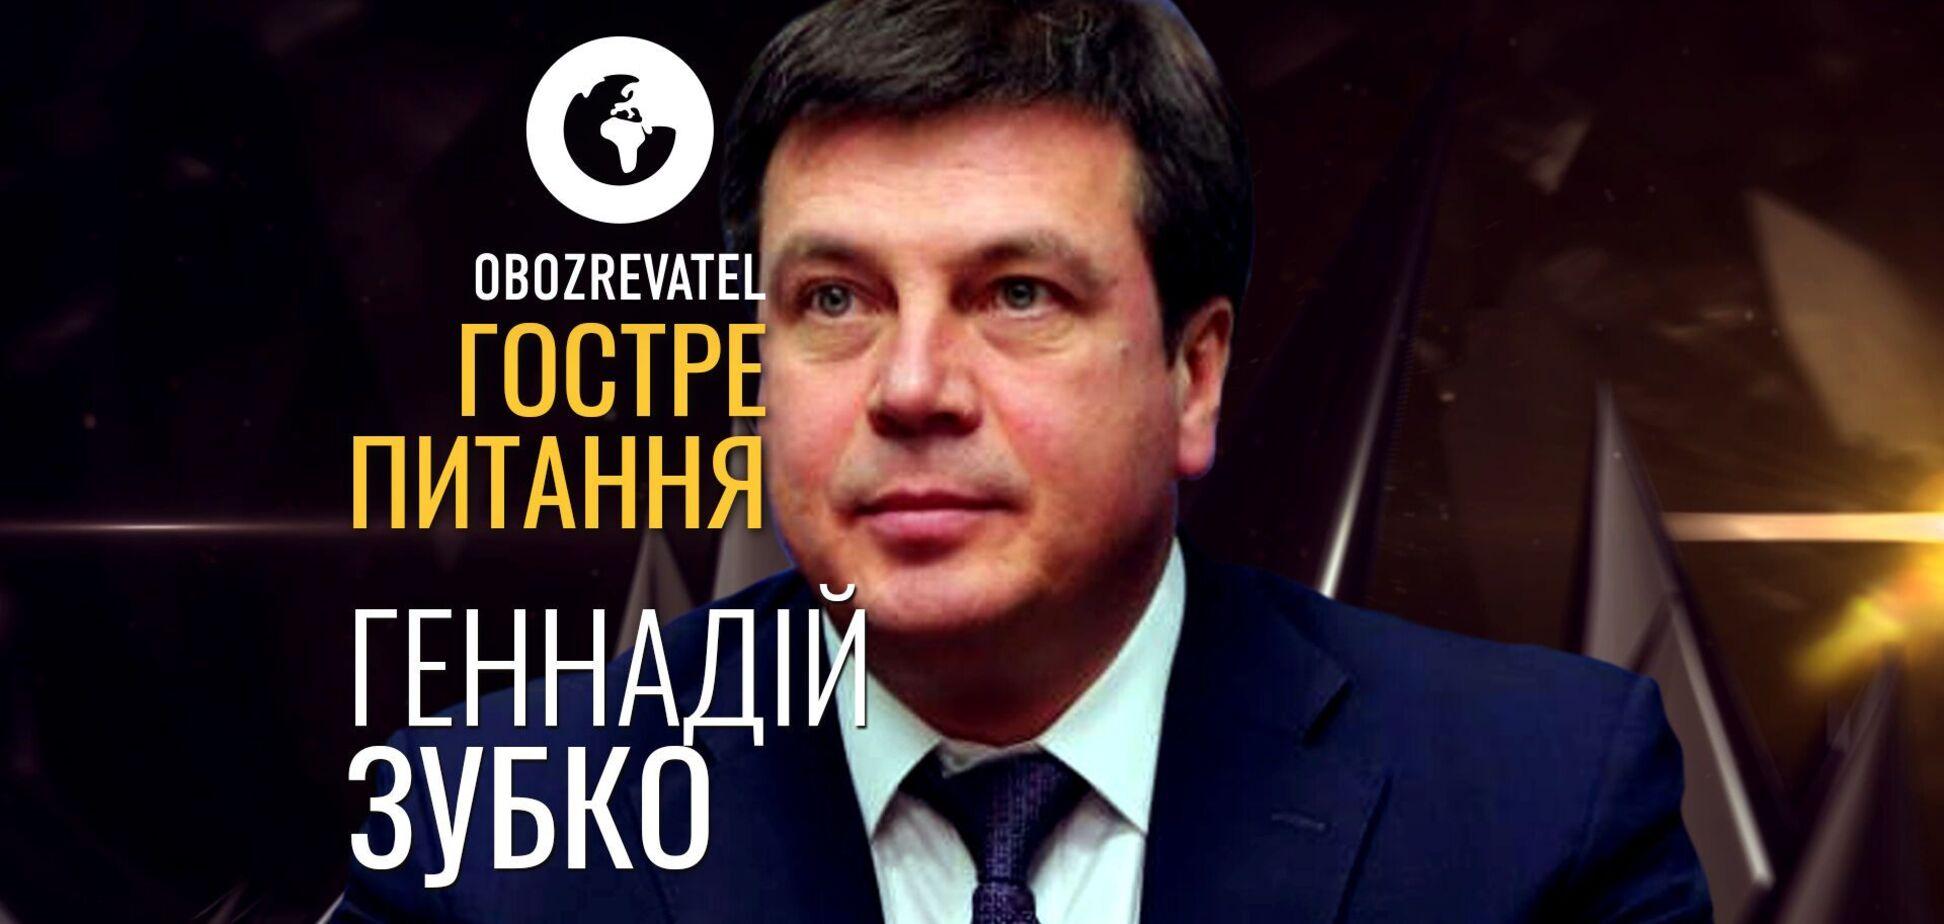 Геннадій Зубко – Гостре питання